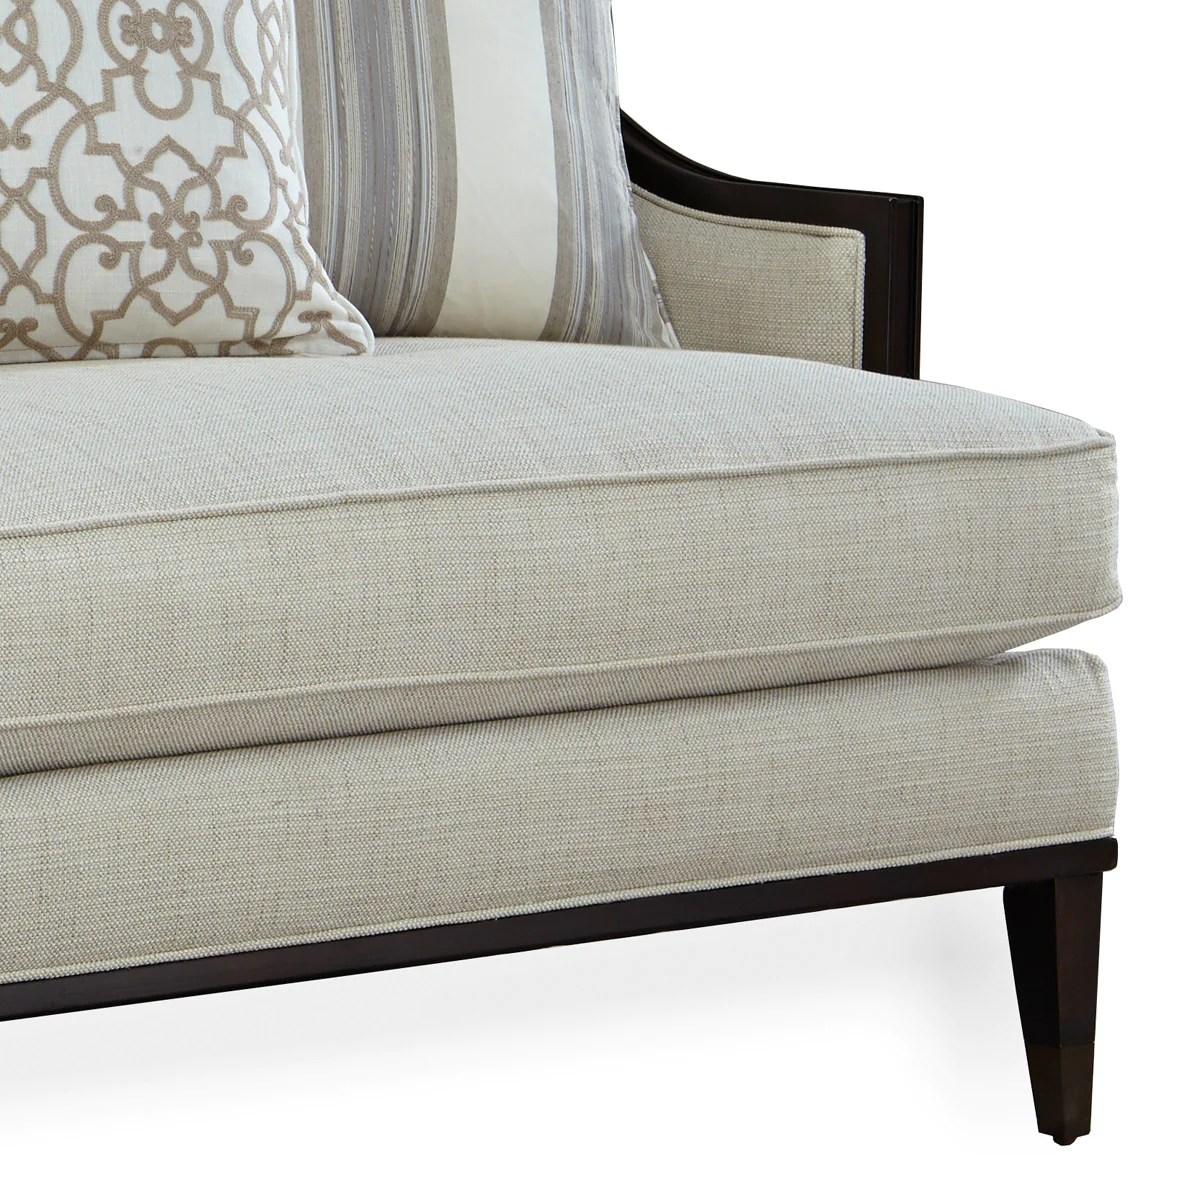 barletta sofa cheapest patio studio storage